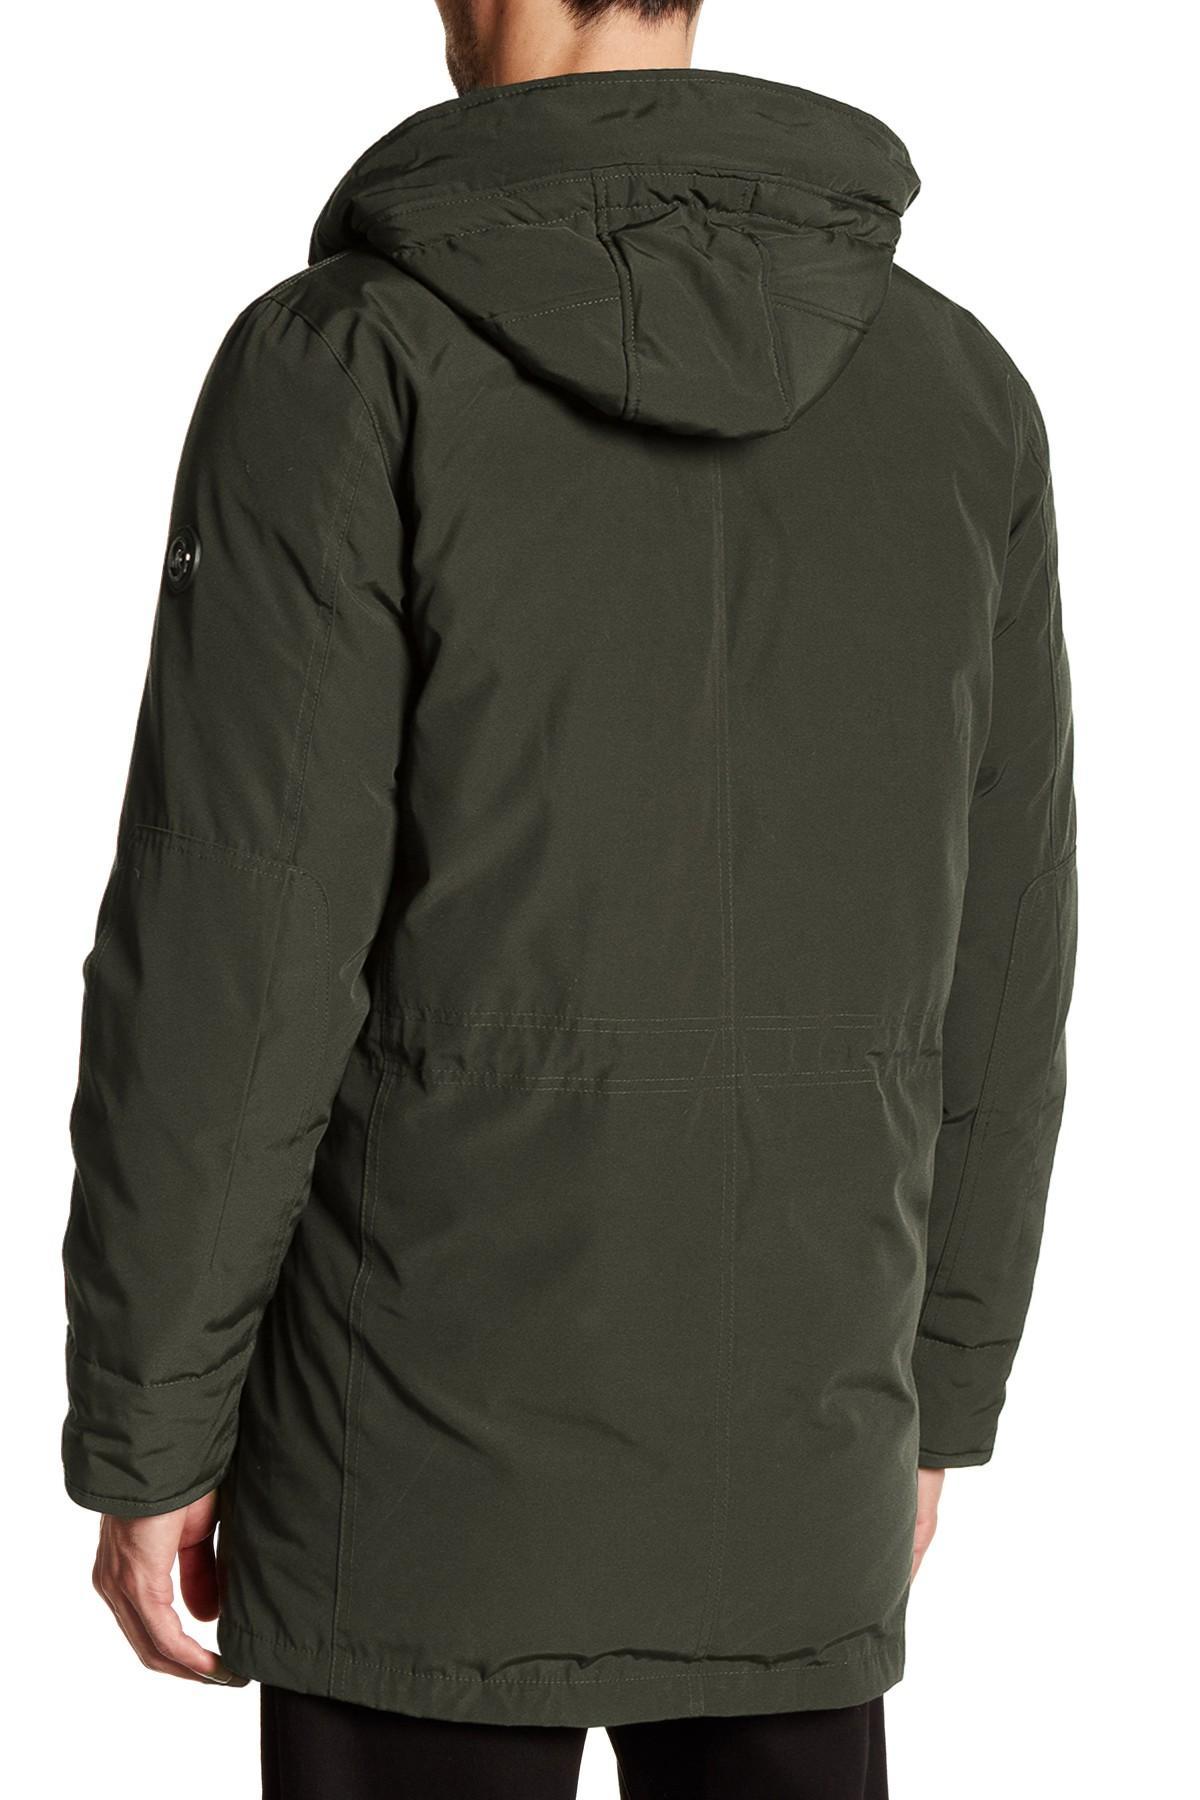 Lyst - Michael kors Faux Fur Max Coat in Green for Men